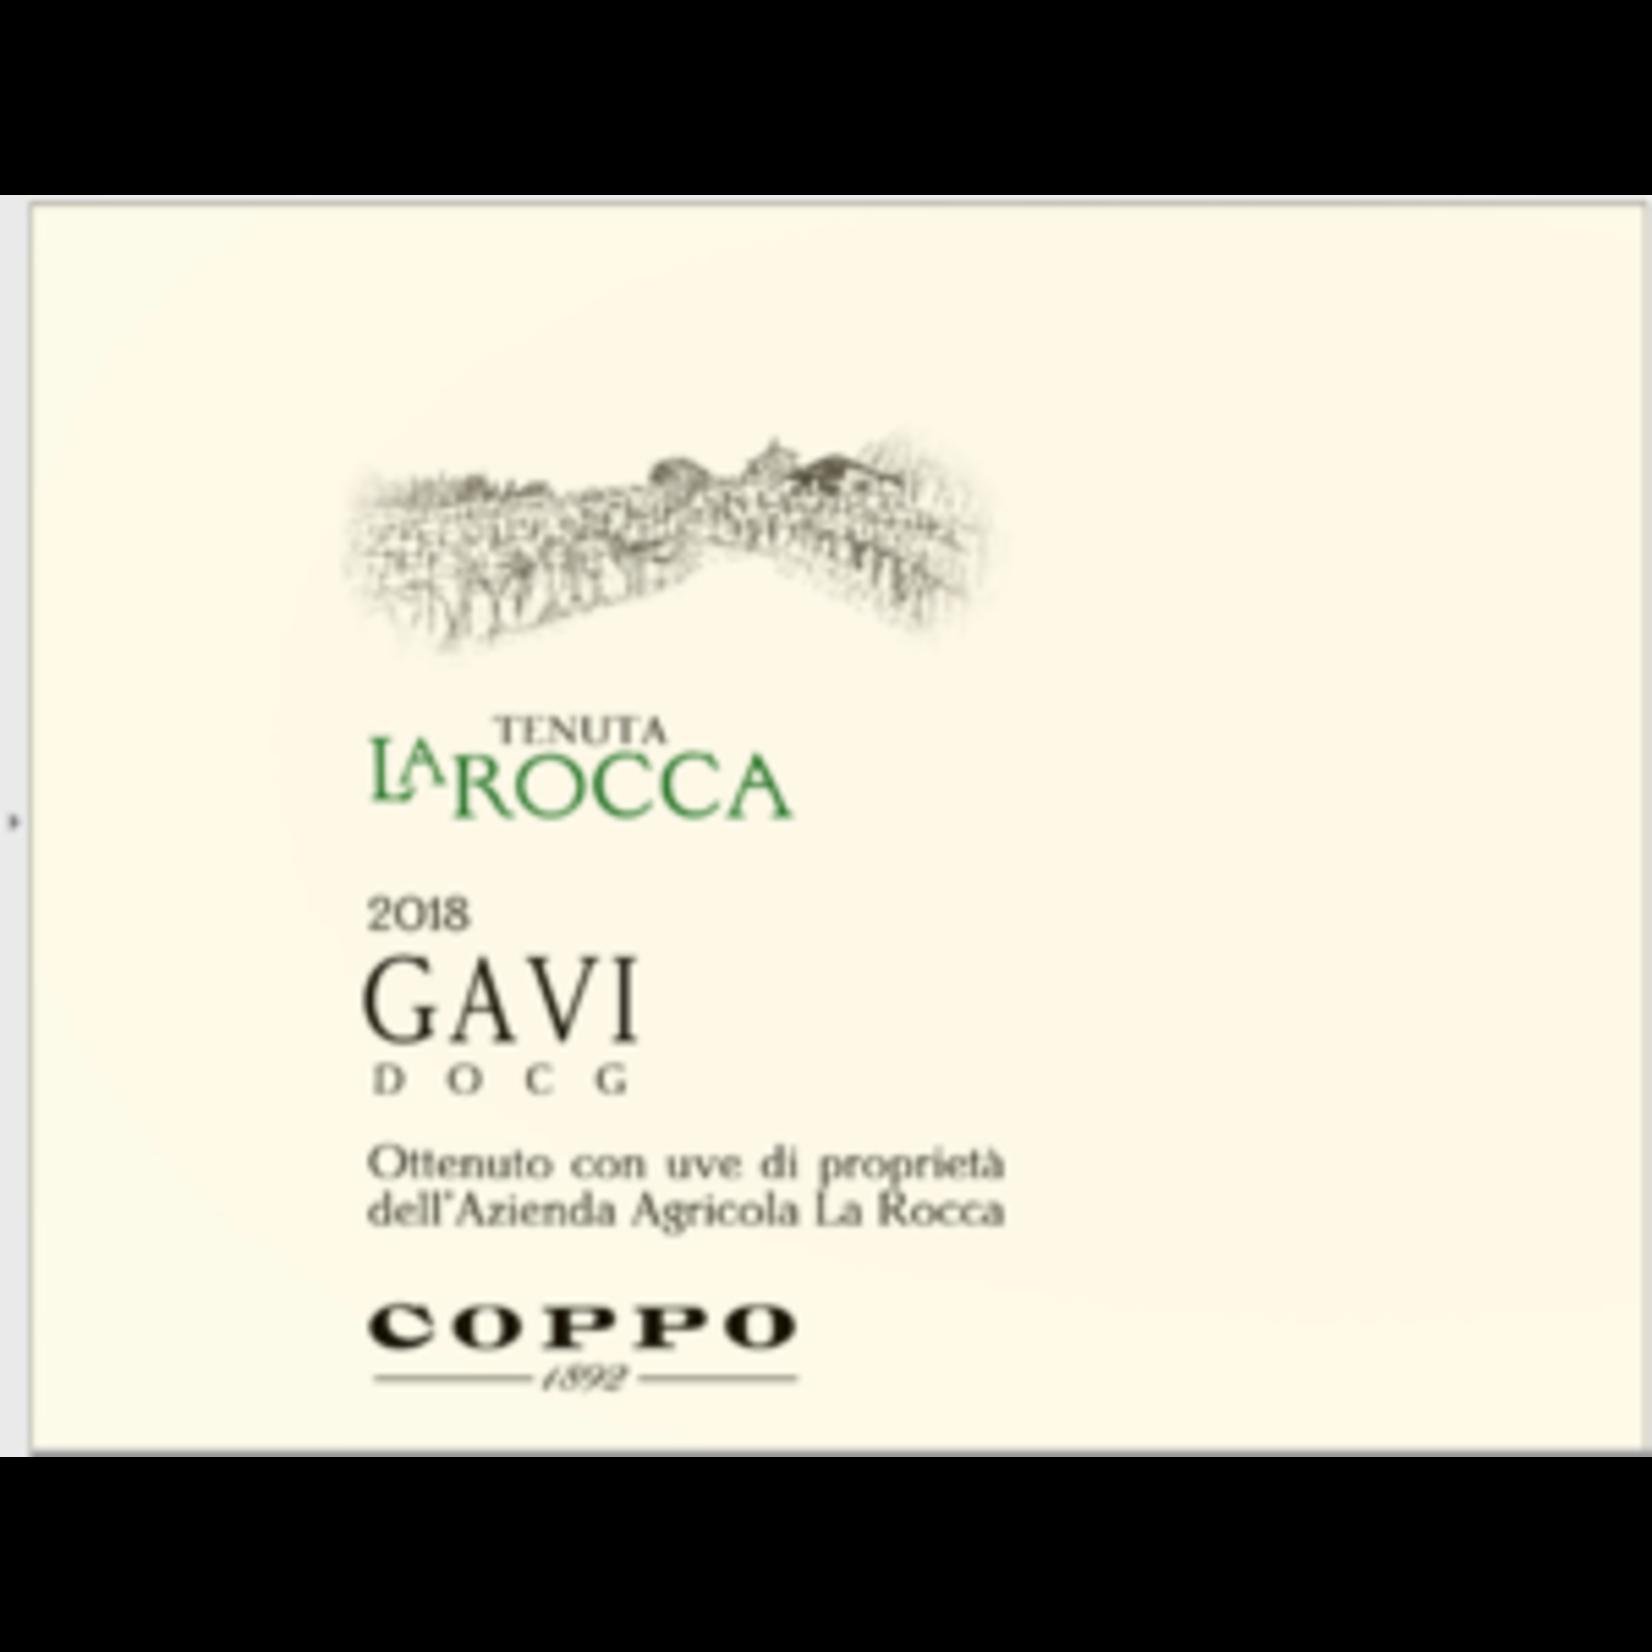 Wine Coppo Gavi La Rocca DOCG 2019